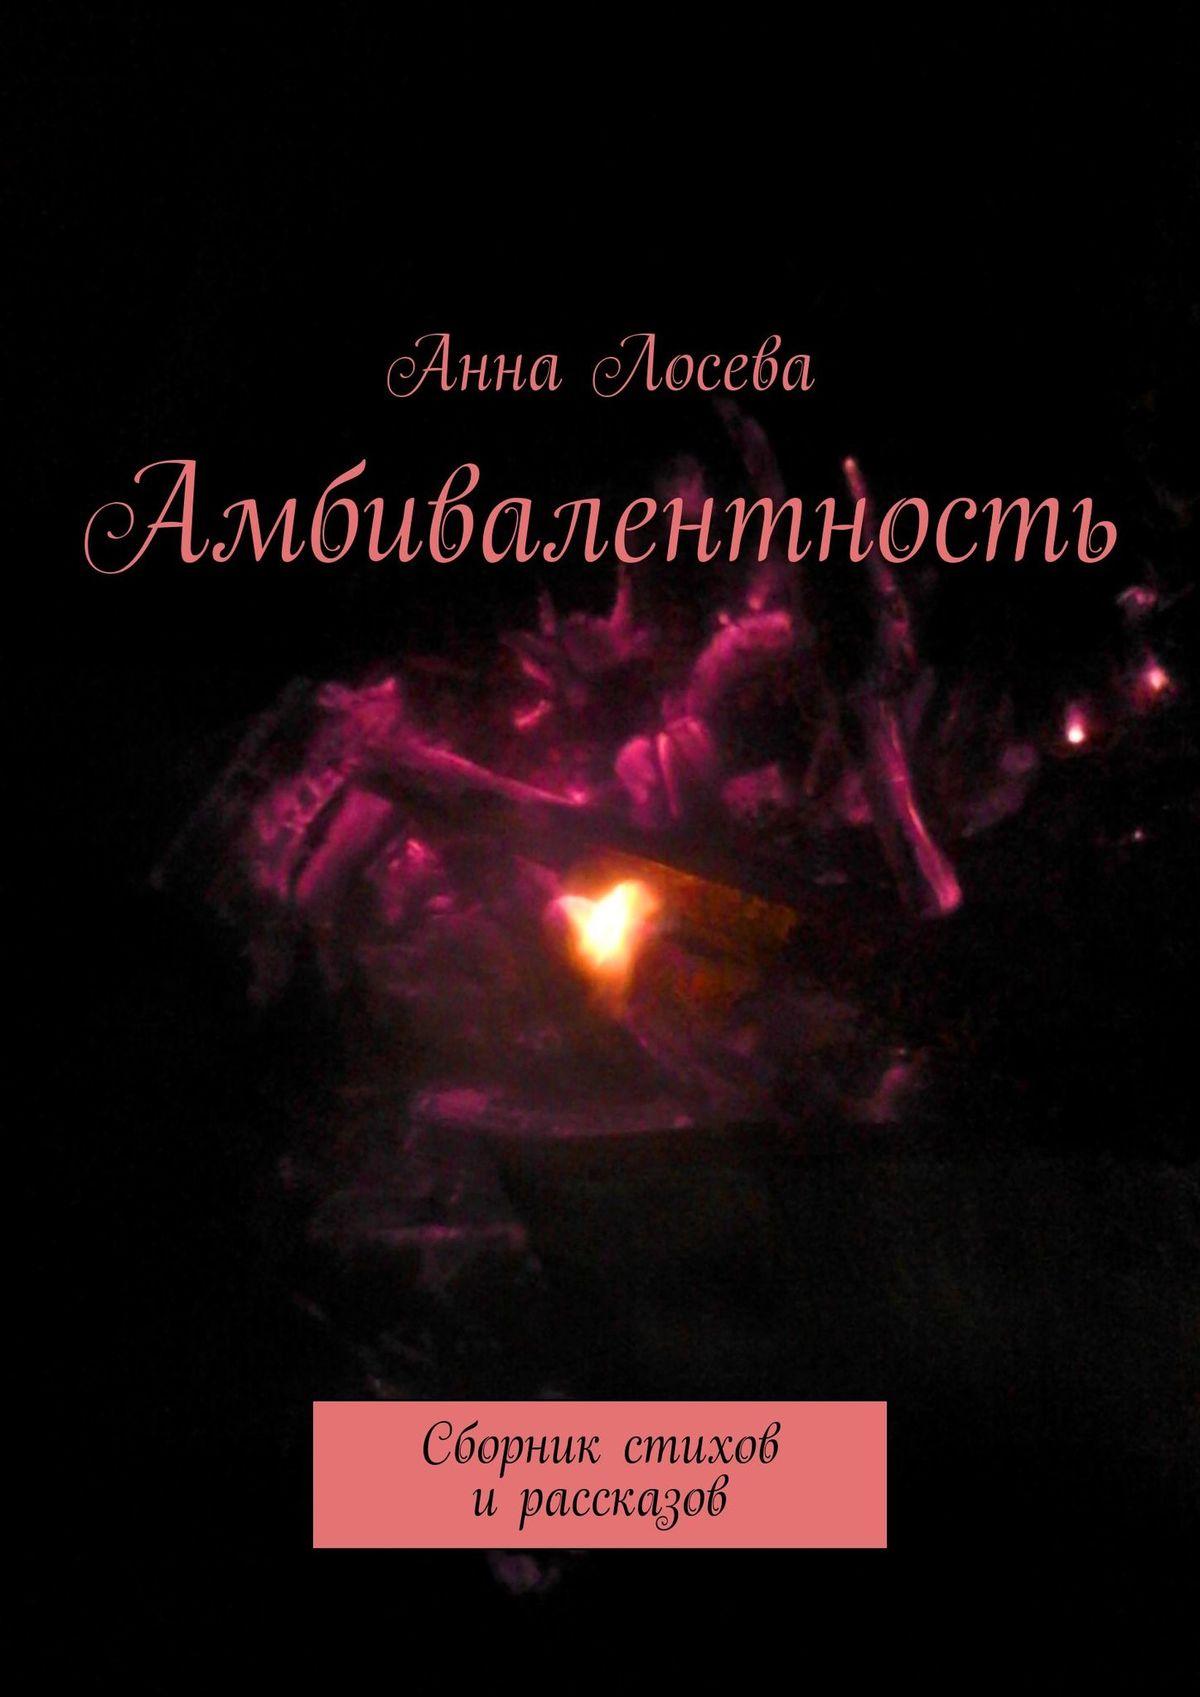 Анна Лосева Амбивалентность. Сборник стихов ирассказов анна дубок синтетическое счастье сборник стихов